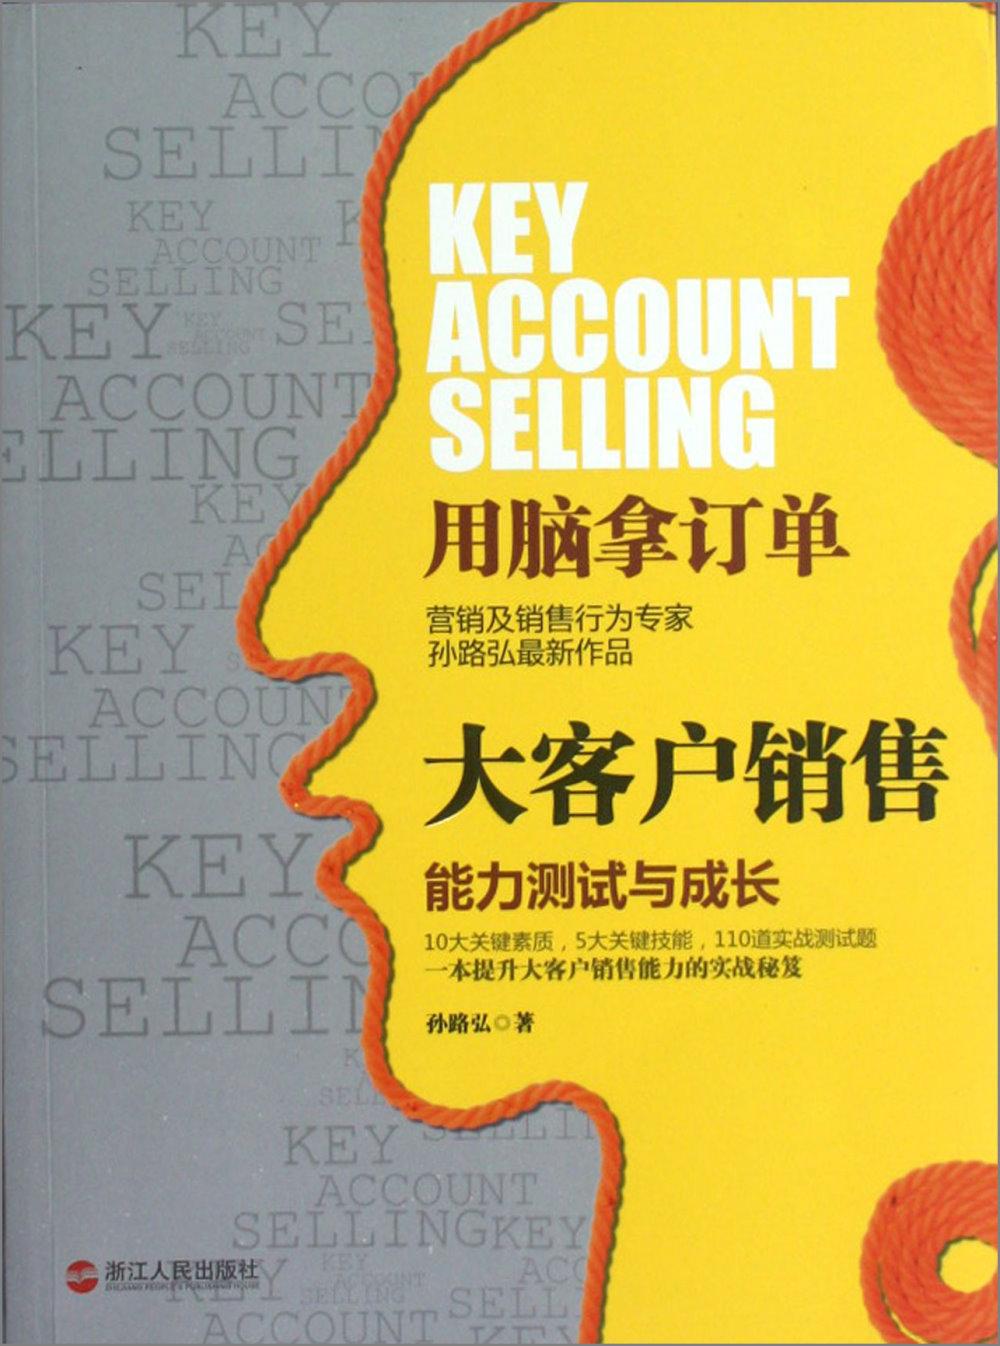 大客戶銷售:能力測試與成長